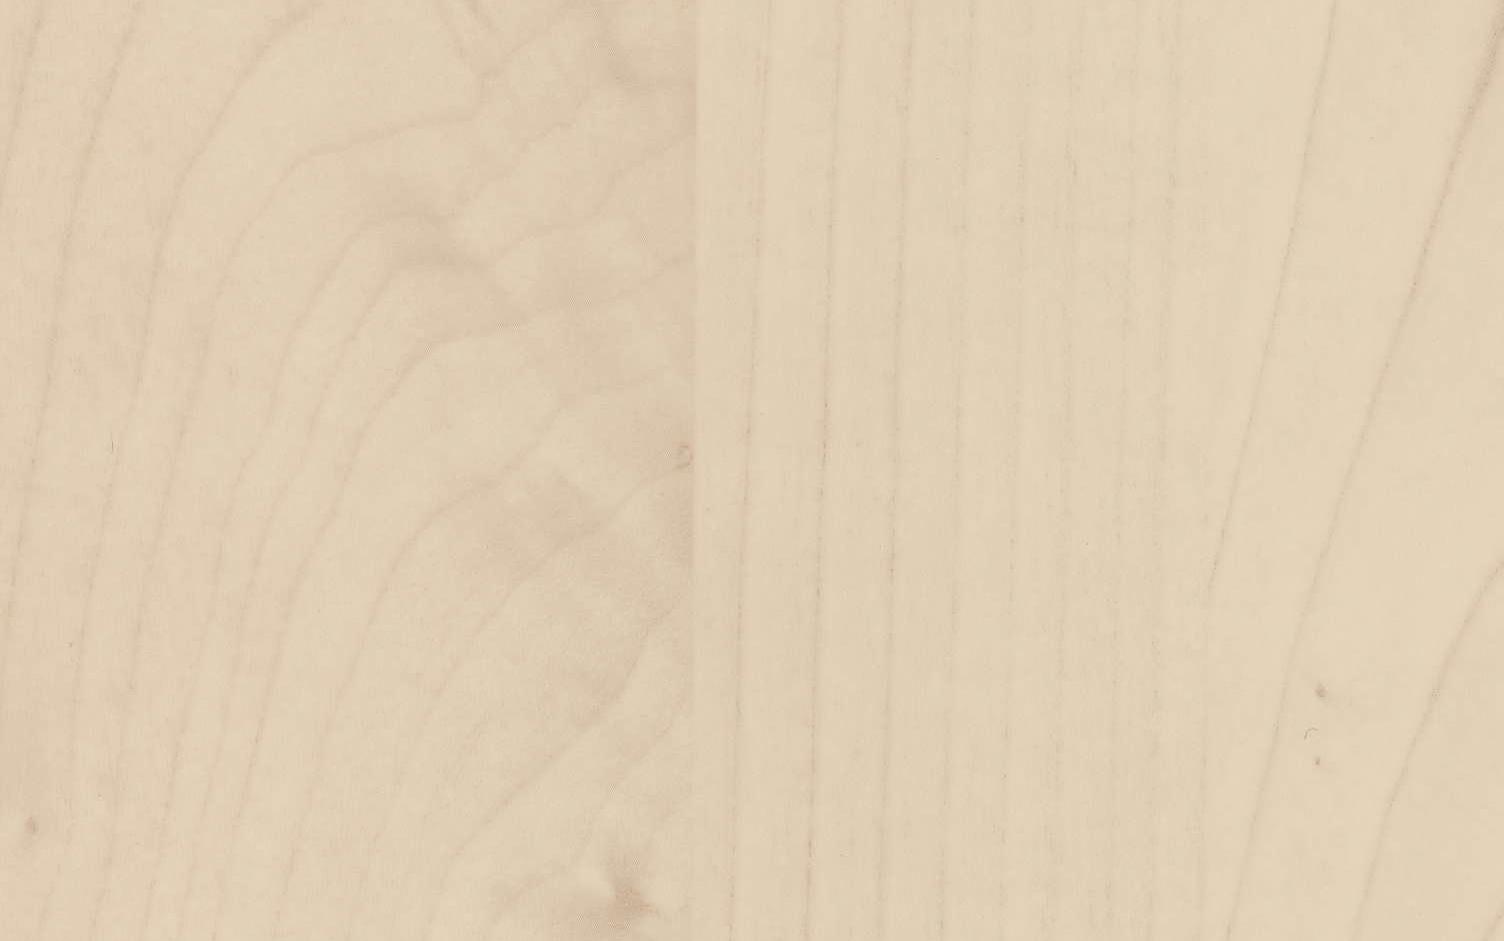 kalvo 039-1.jpg